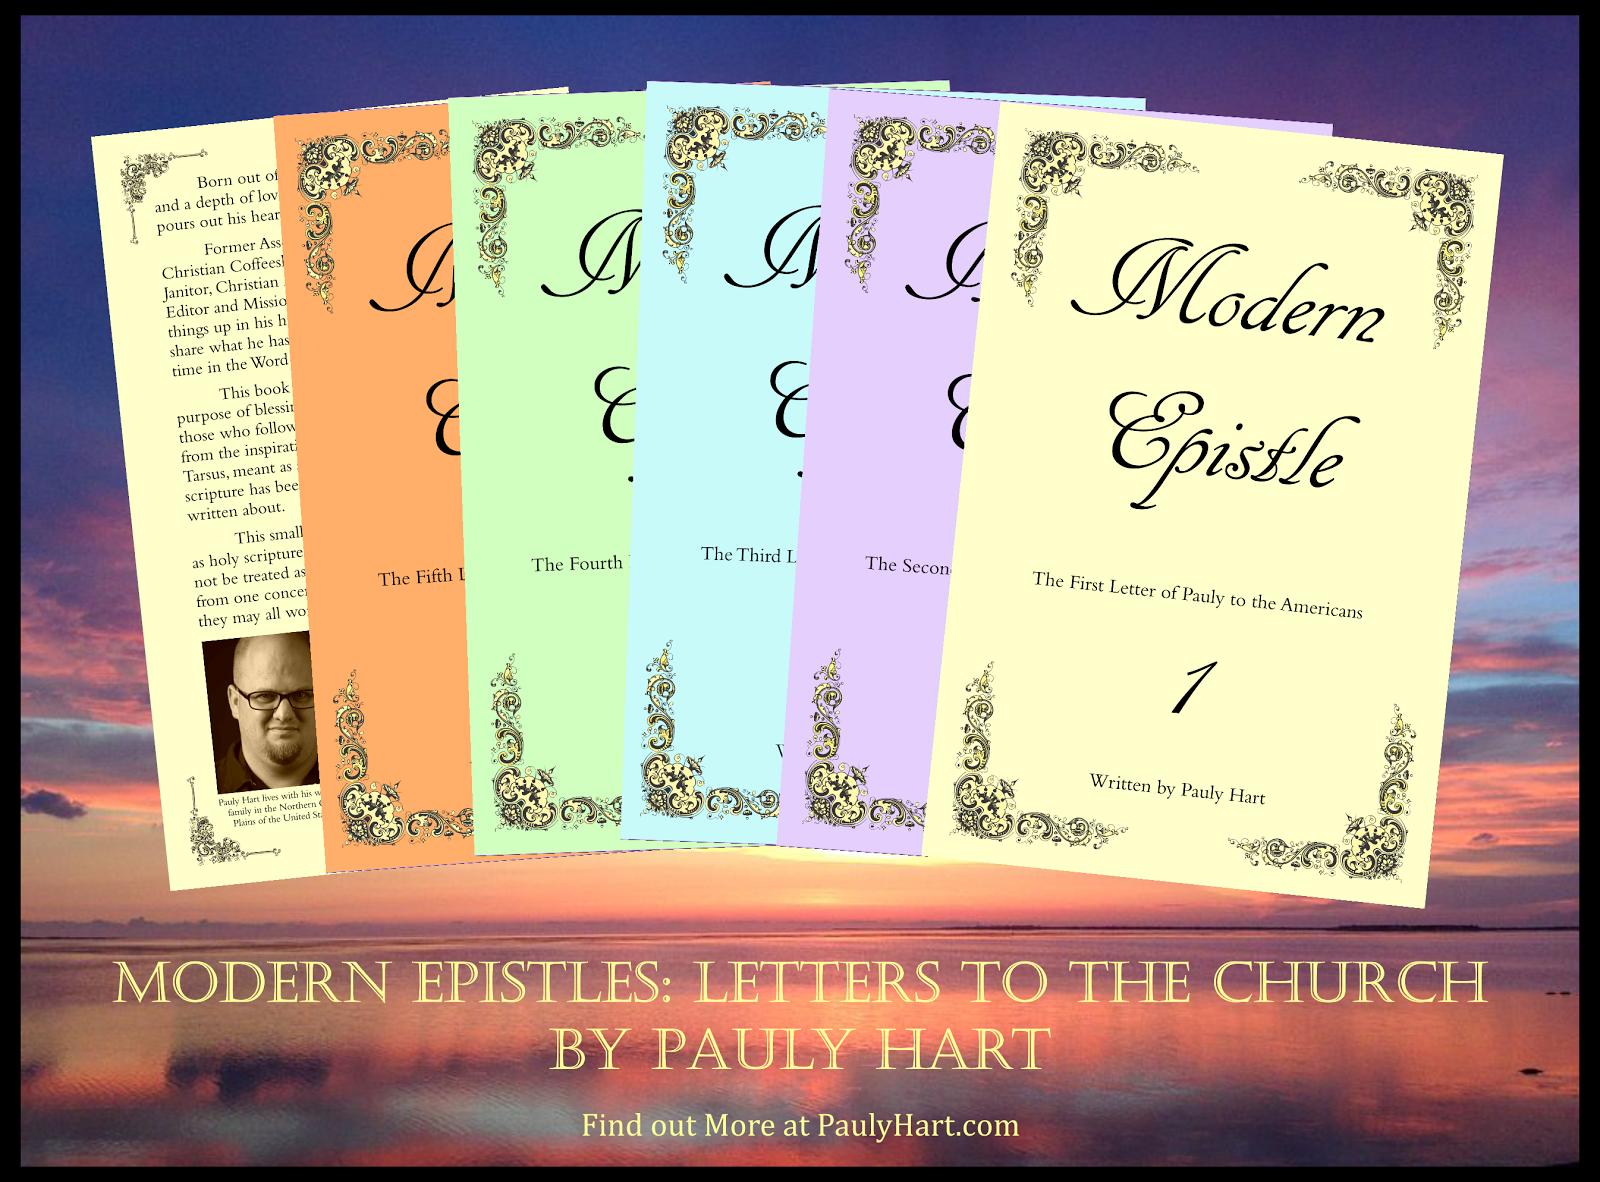 Modern Epistles